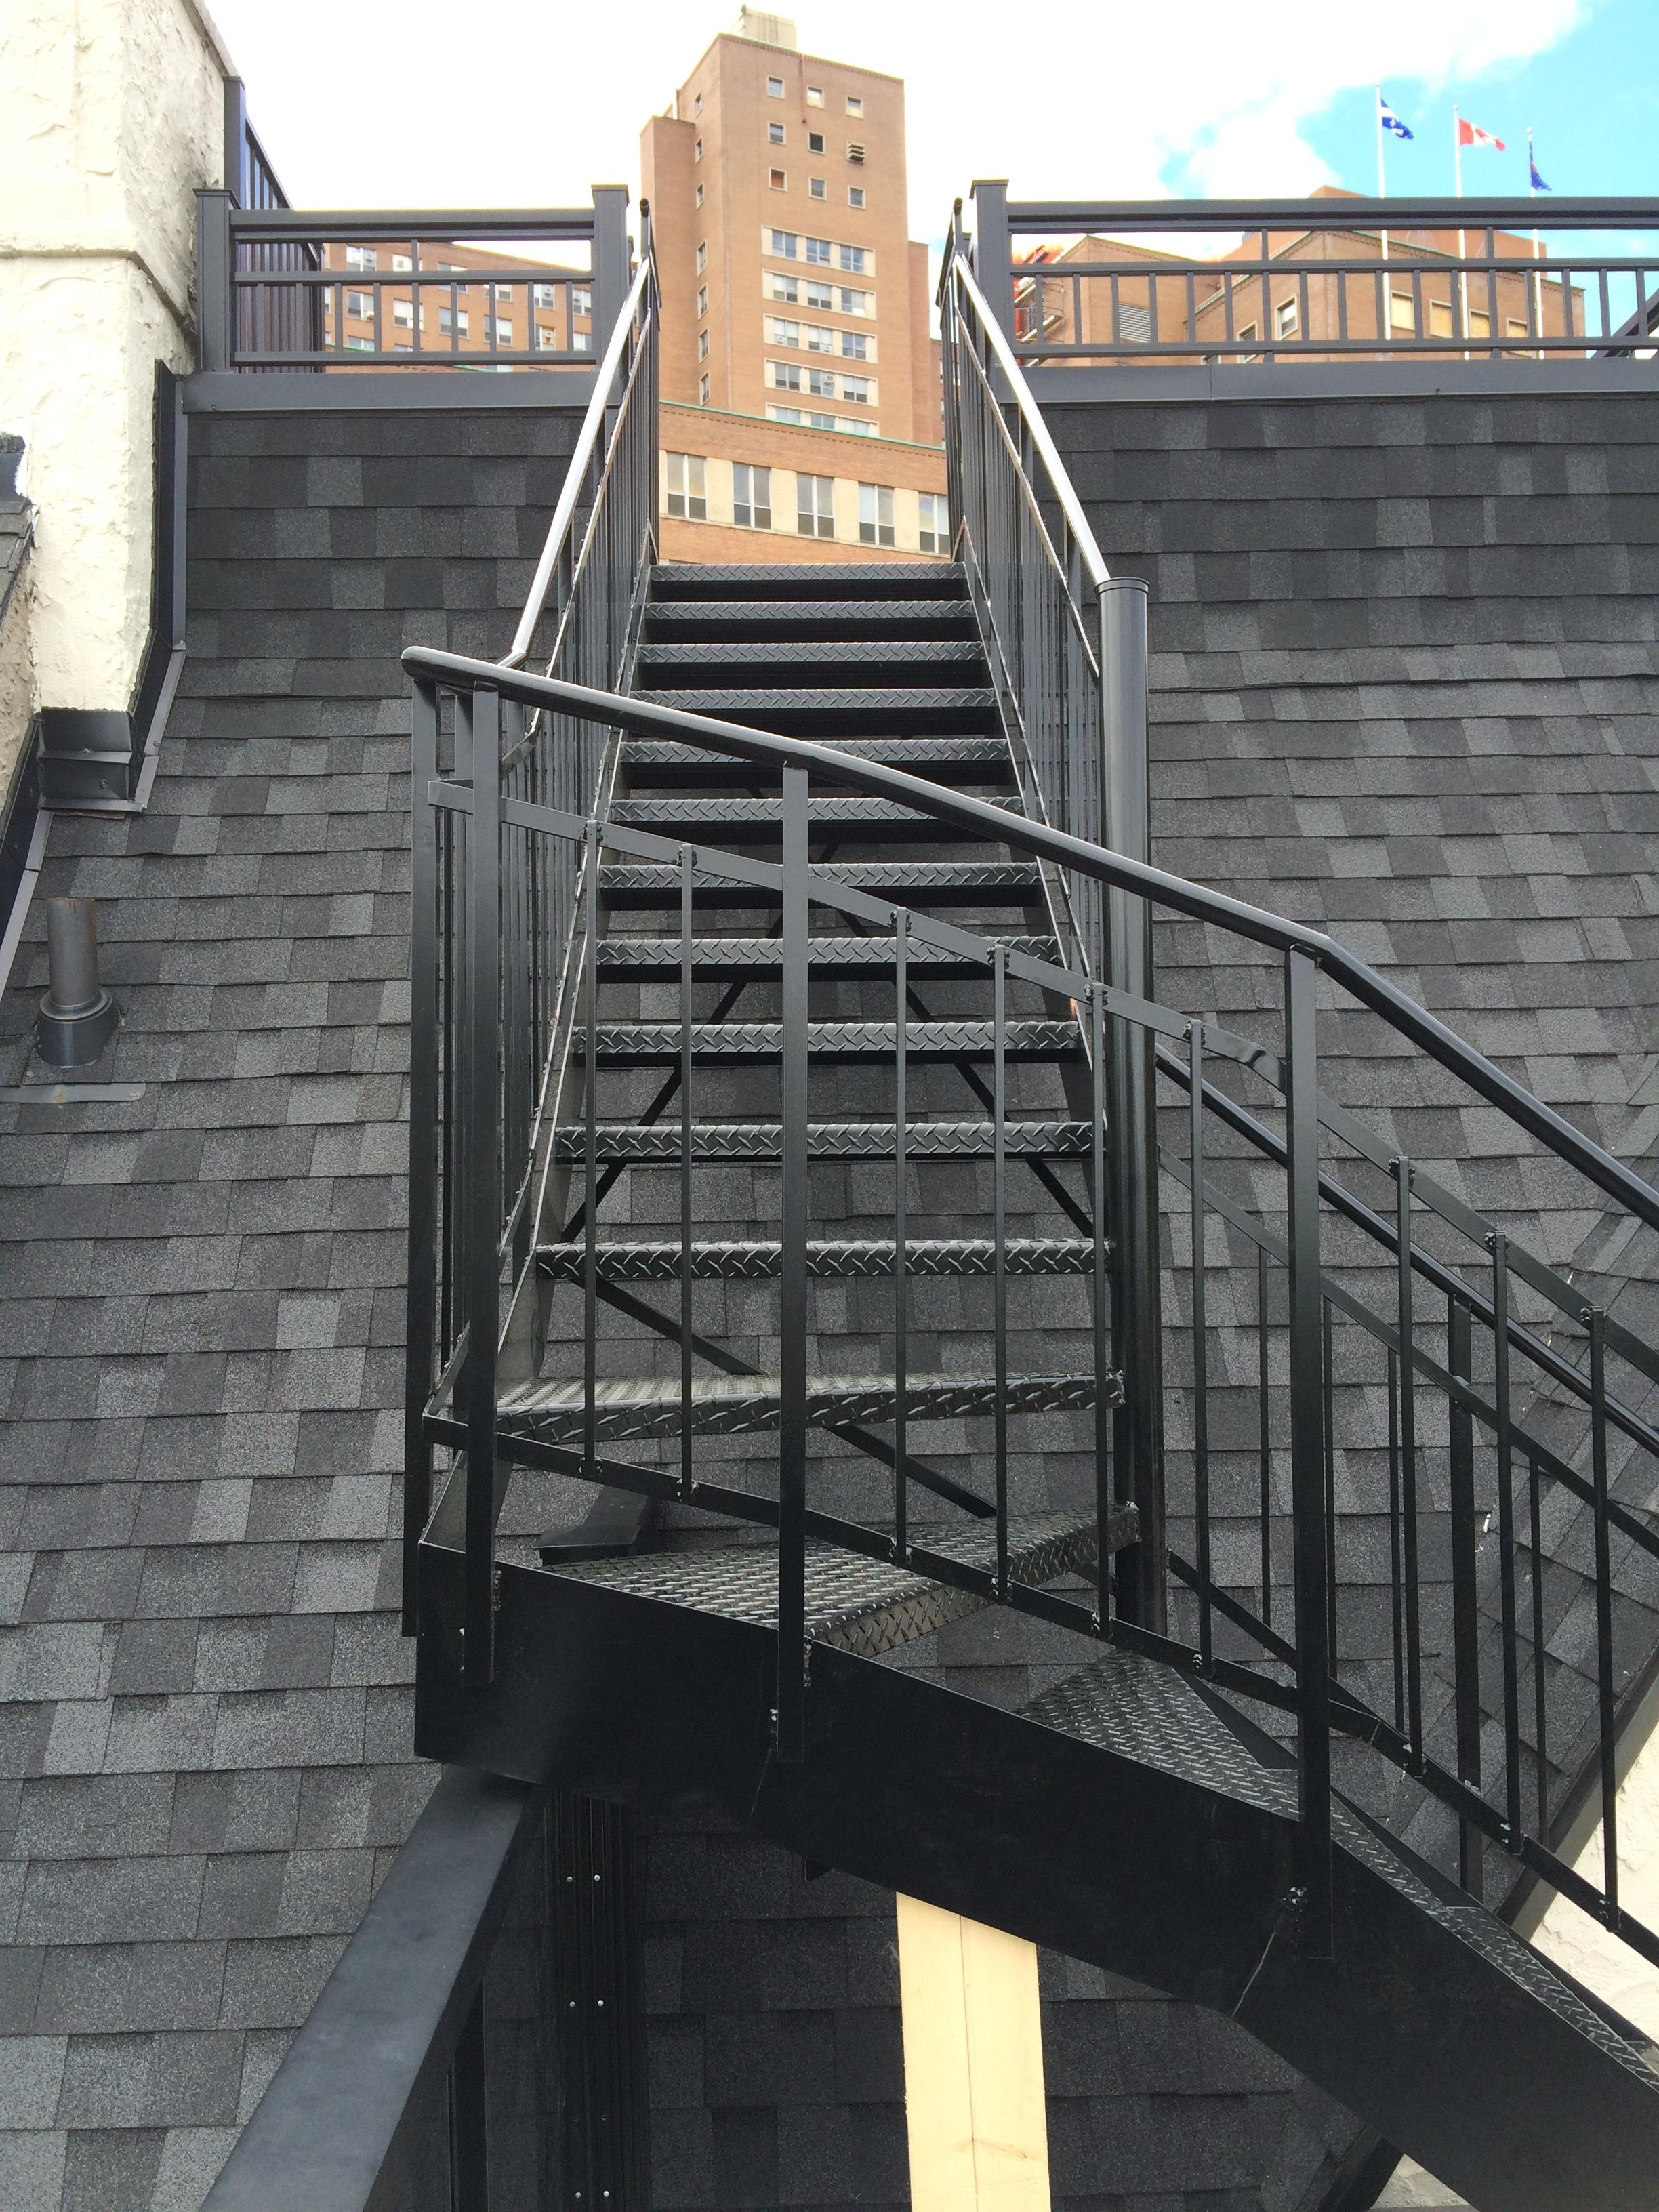 Black welded stairs